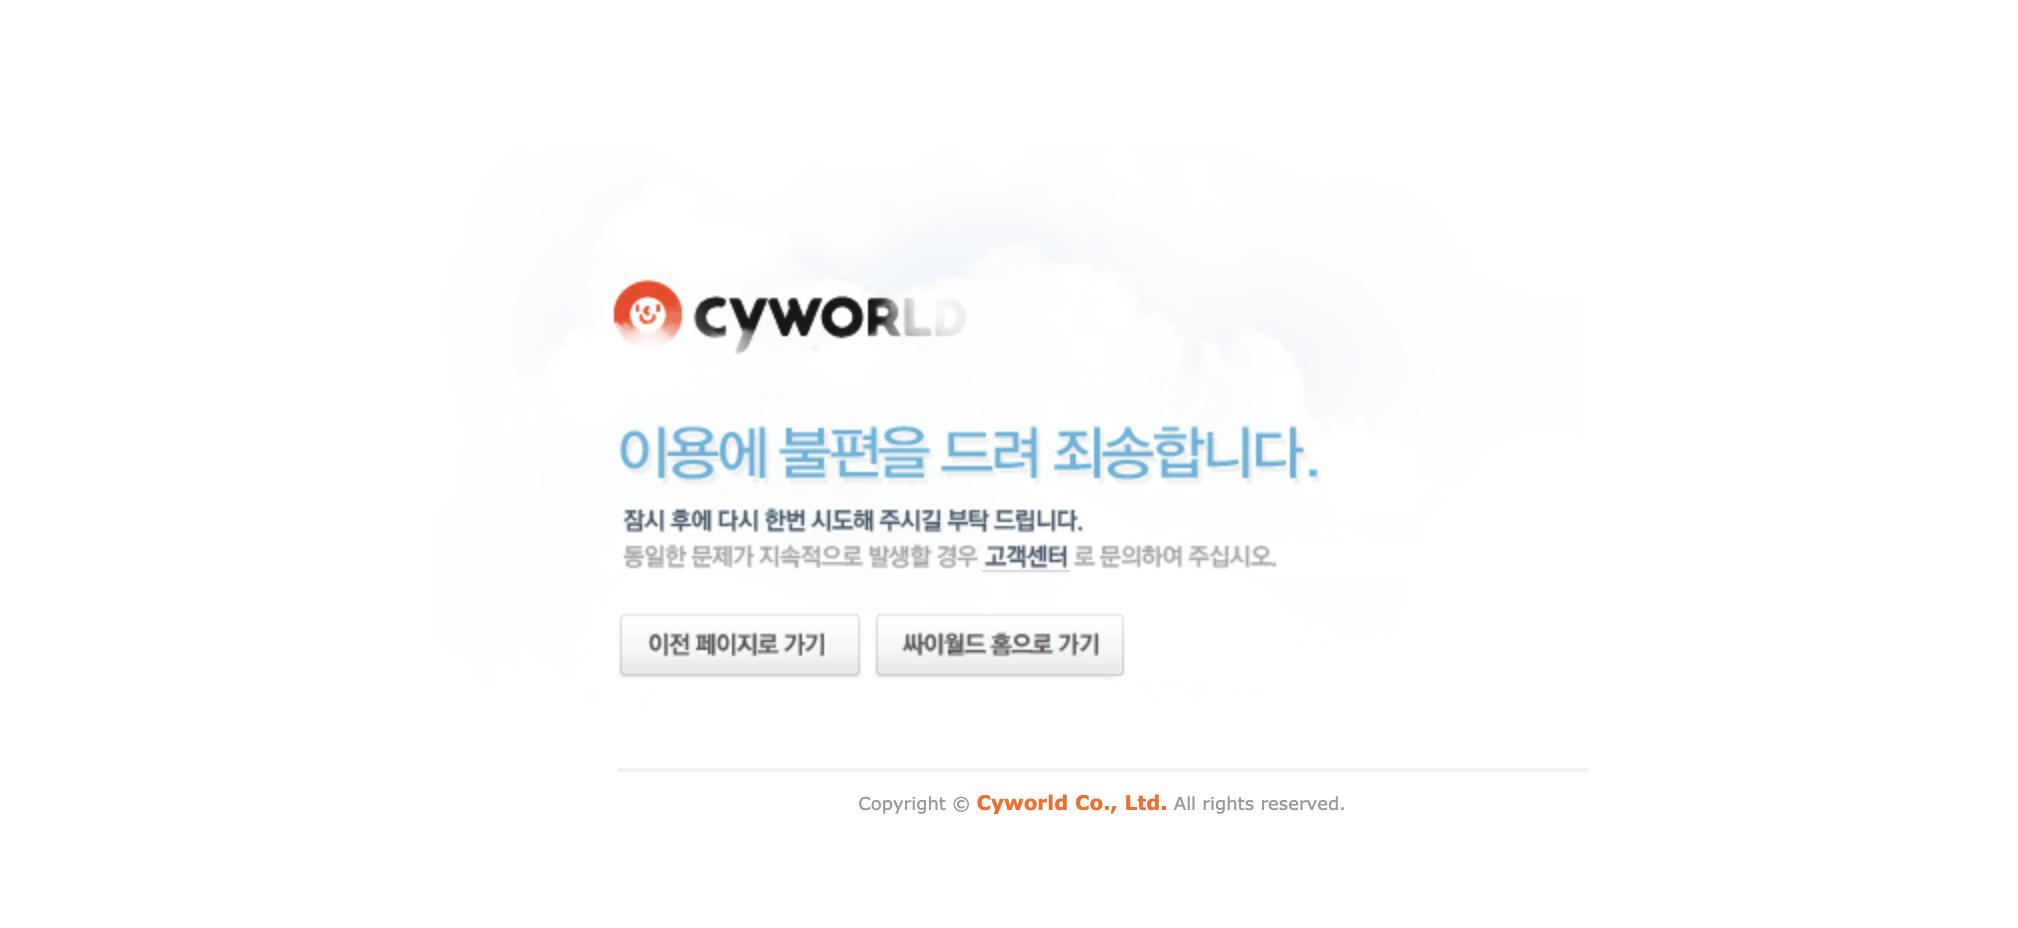 추억의 SNS 싸이월드, 암호화폐 발행 예정